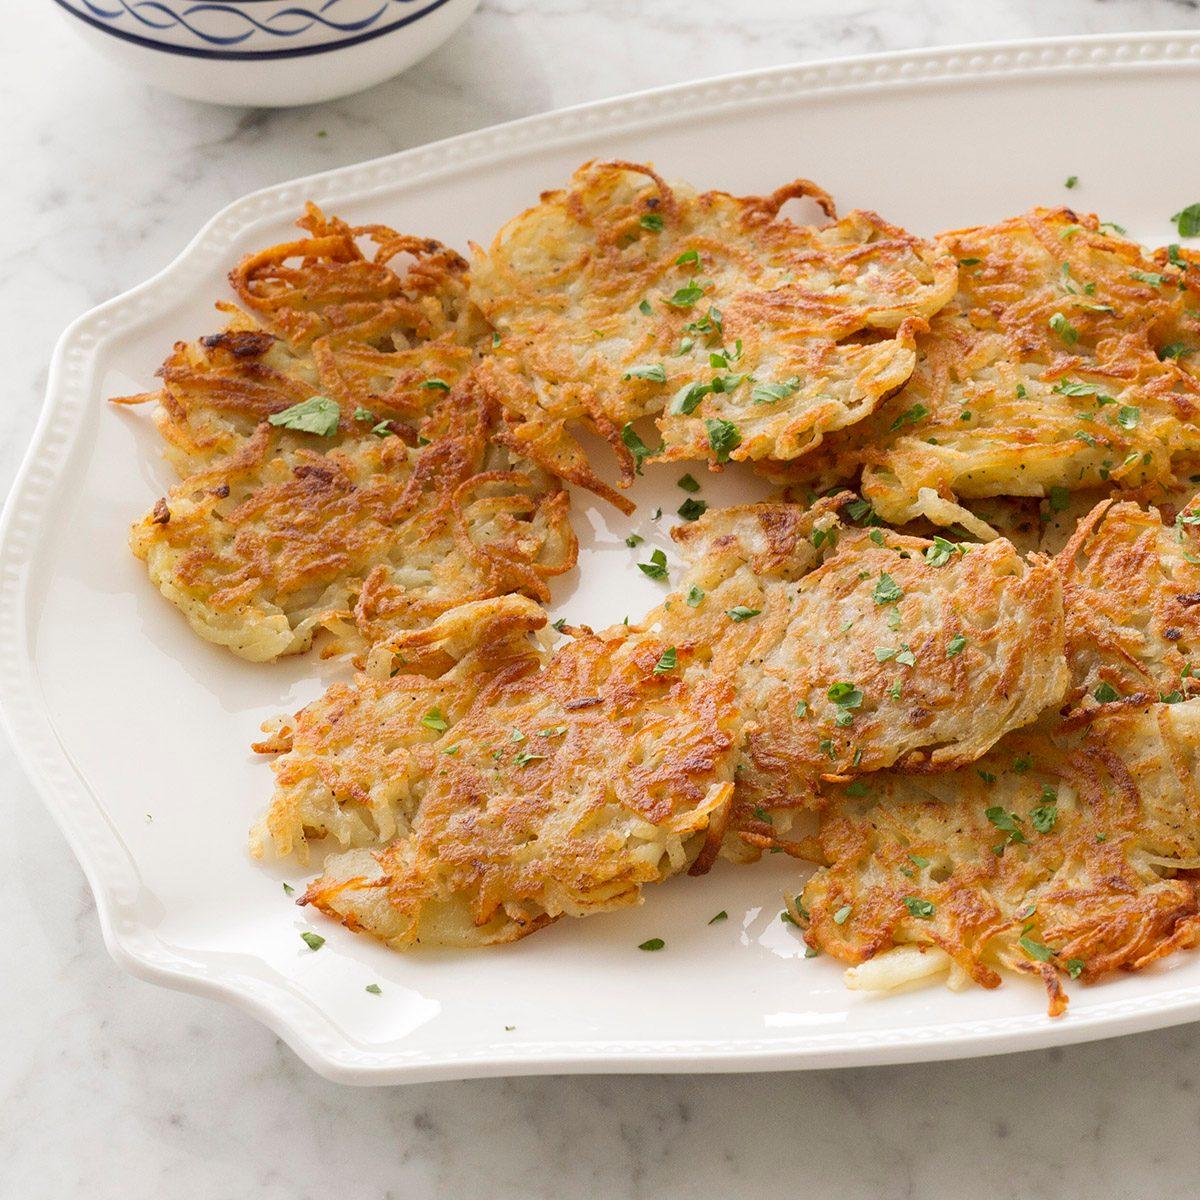 How to Make Latkes or Potato Pancakes